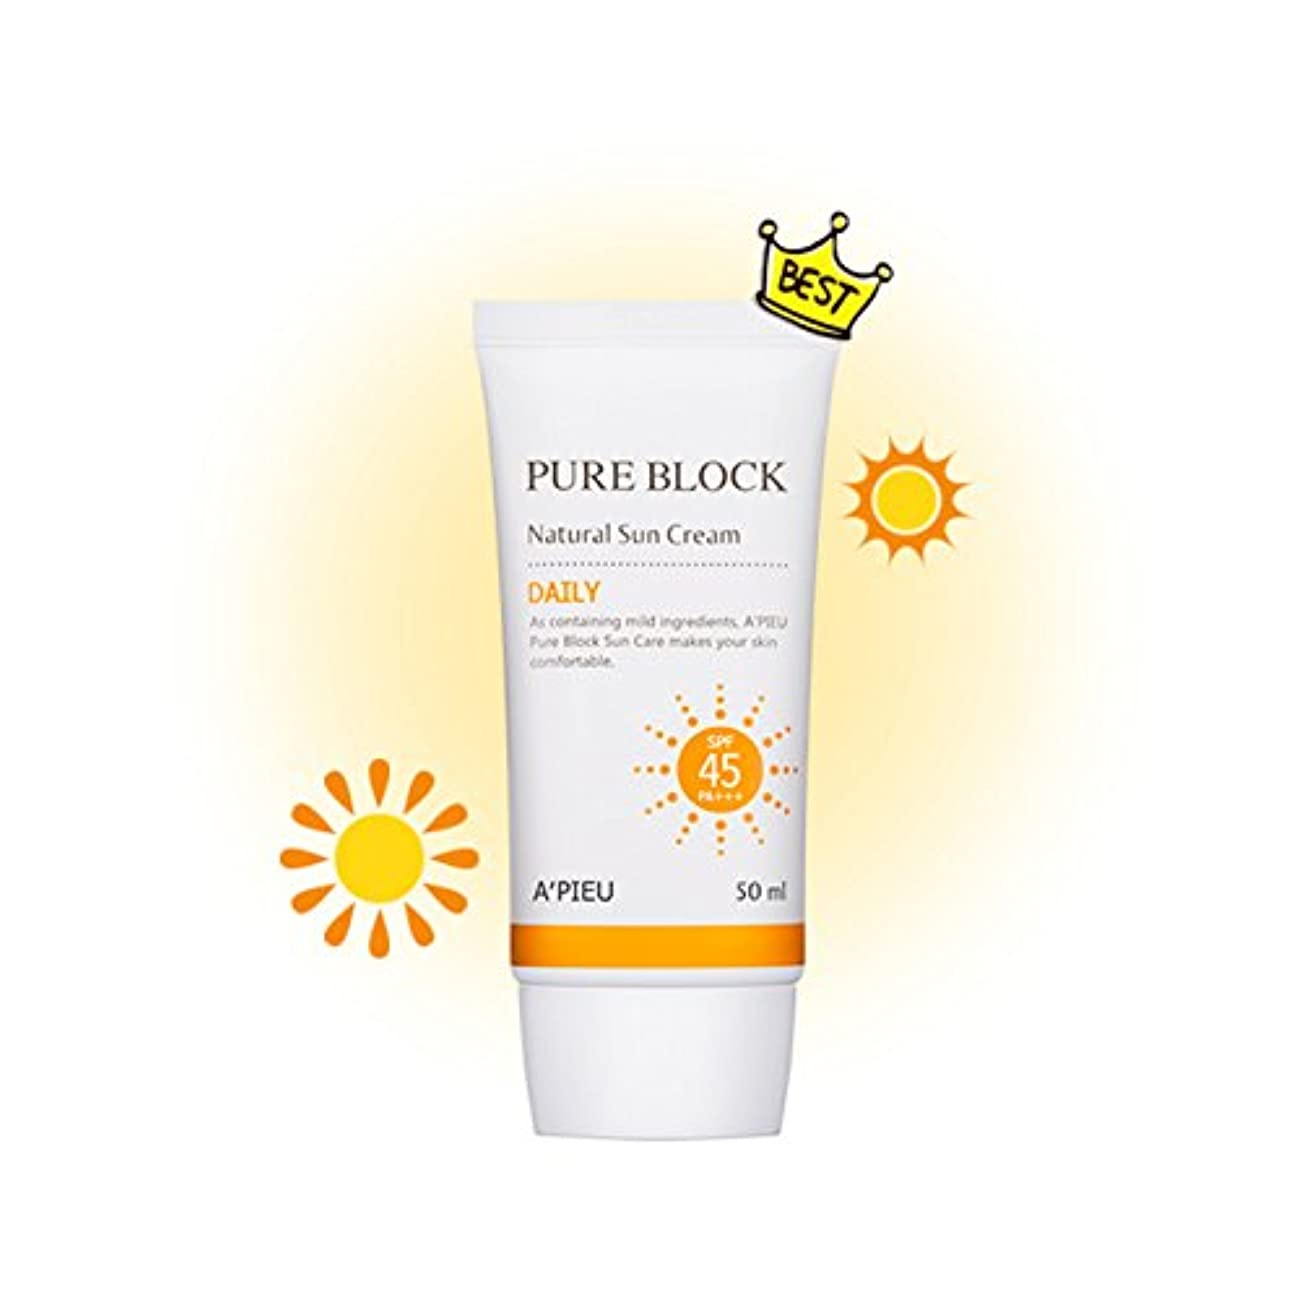 気分が良い中エレメンタル[オピュ] A'PIEU ピュアブロックナチュラルデイリー日焼け止め Pure Block Natural Daily Sun Cream SPF 45 PA+++ [並行輸入品]